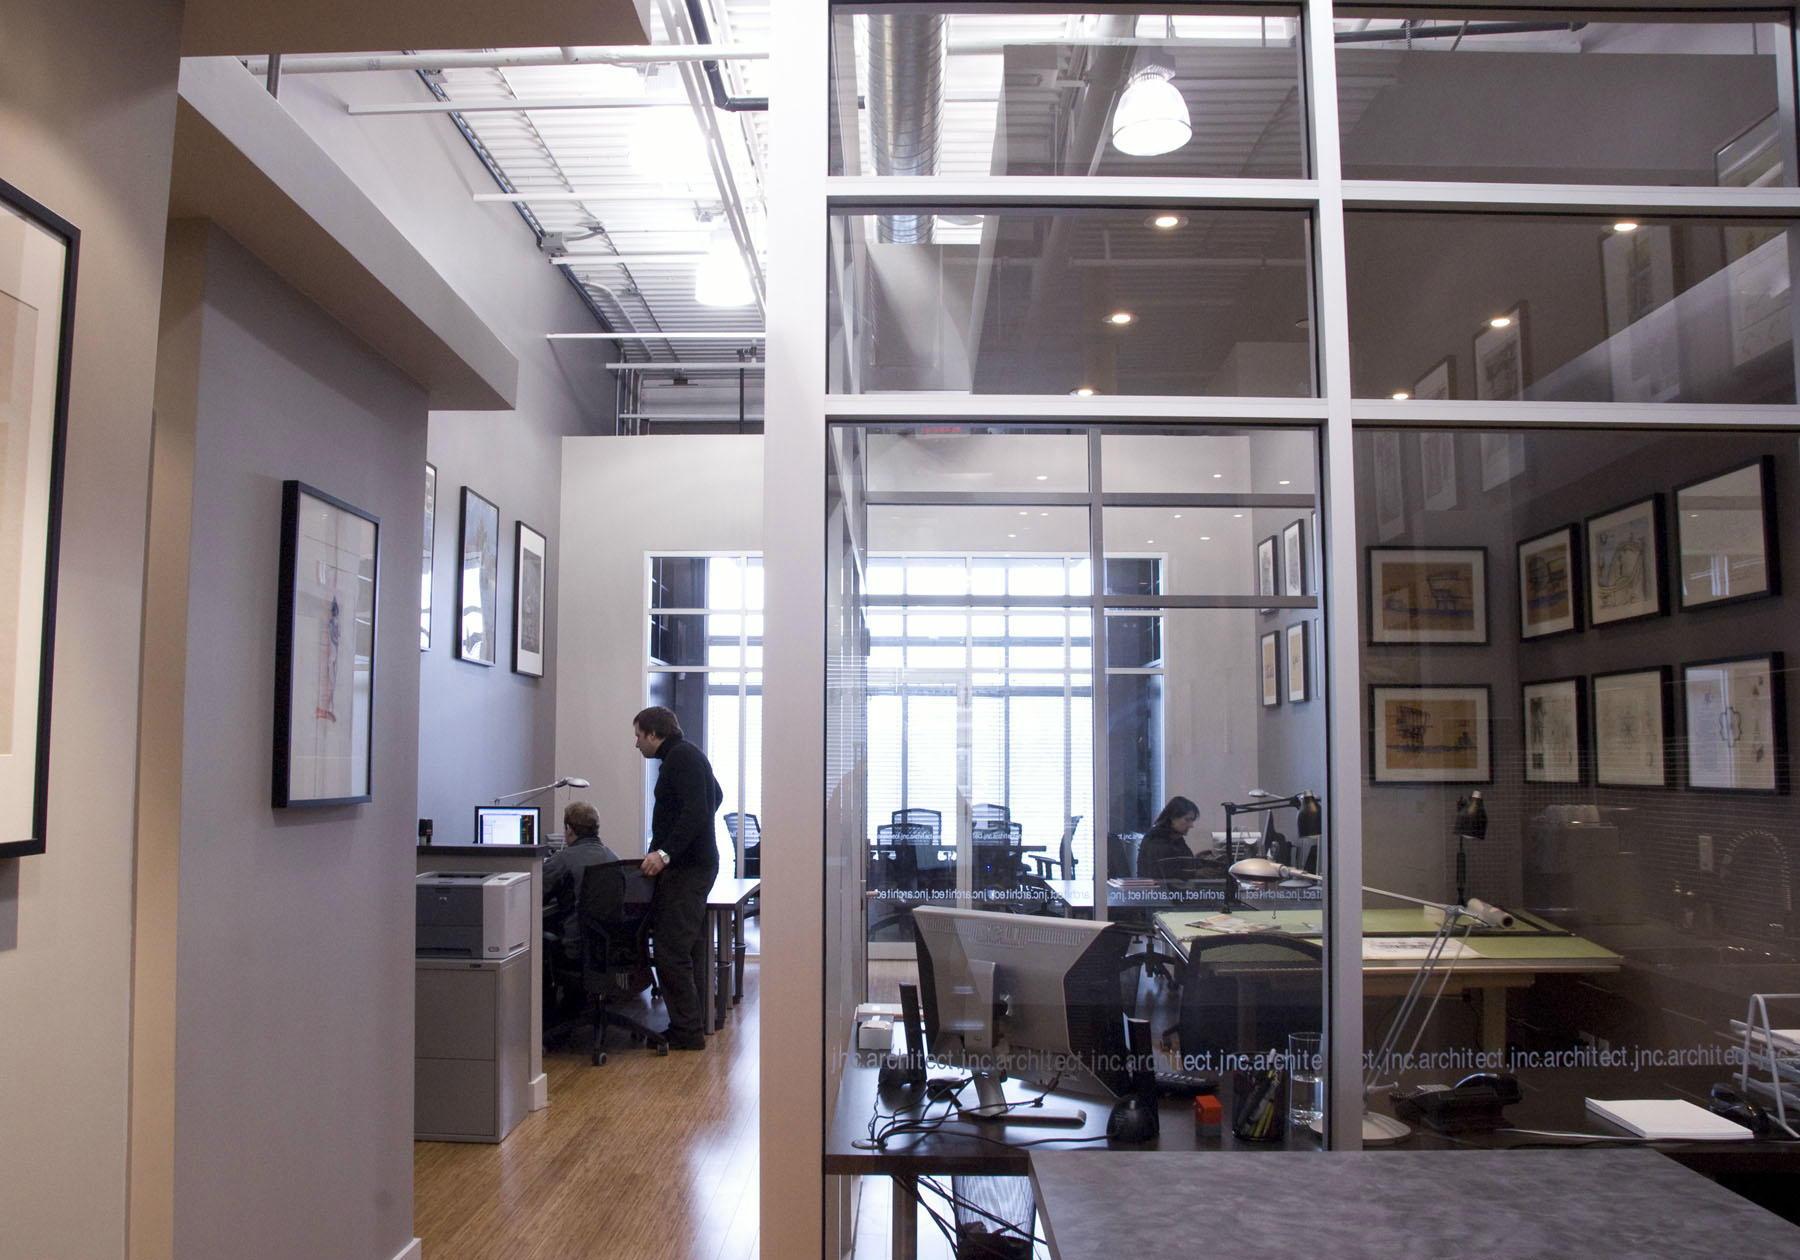 https://0901.nccdn.net/4_2/000/000/023/130/1.com.int.jnc-office-composite--compressed--6--1800x1260.jpg